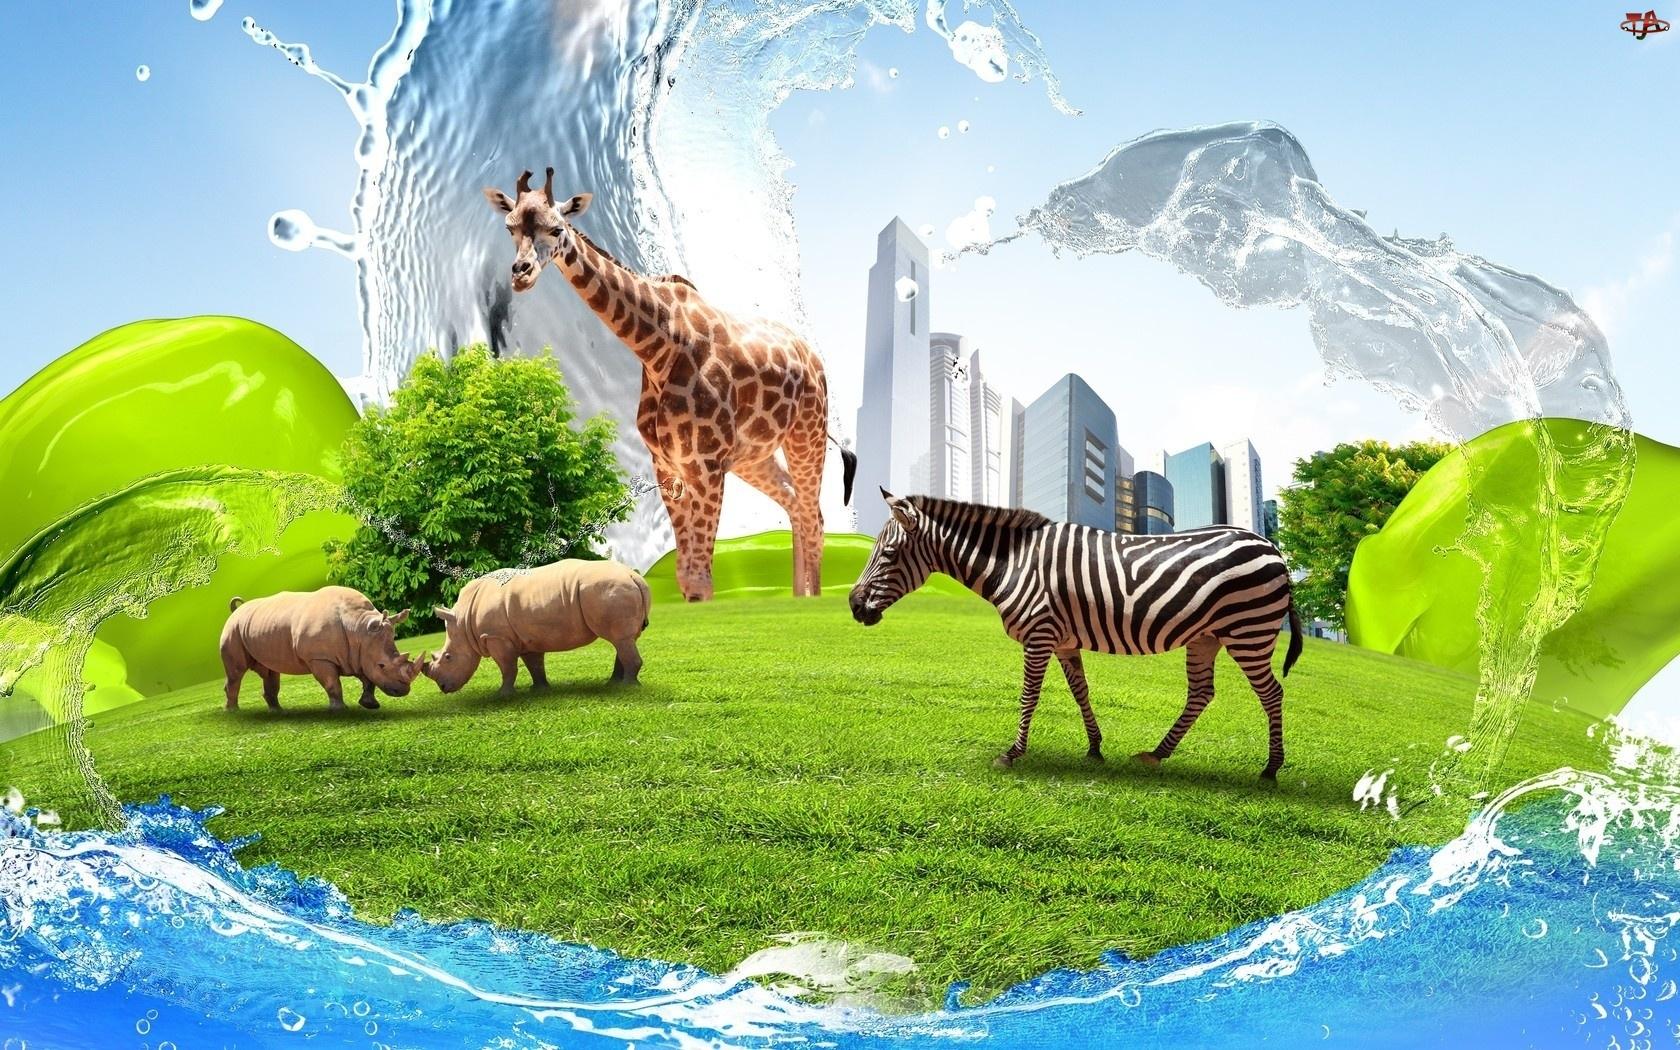 Nosorożce, Chmur, Zebra, Trawa, Żyrafa, Drapacze